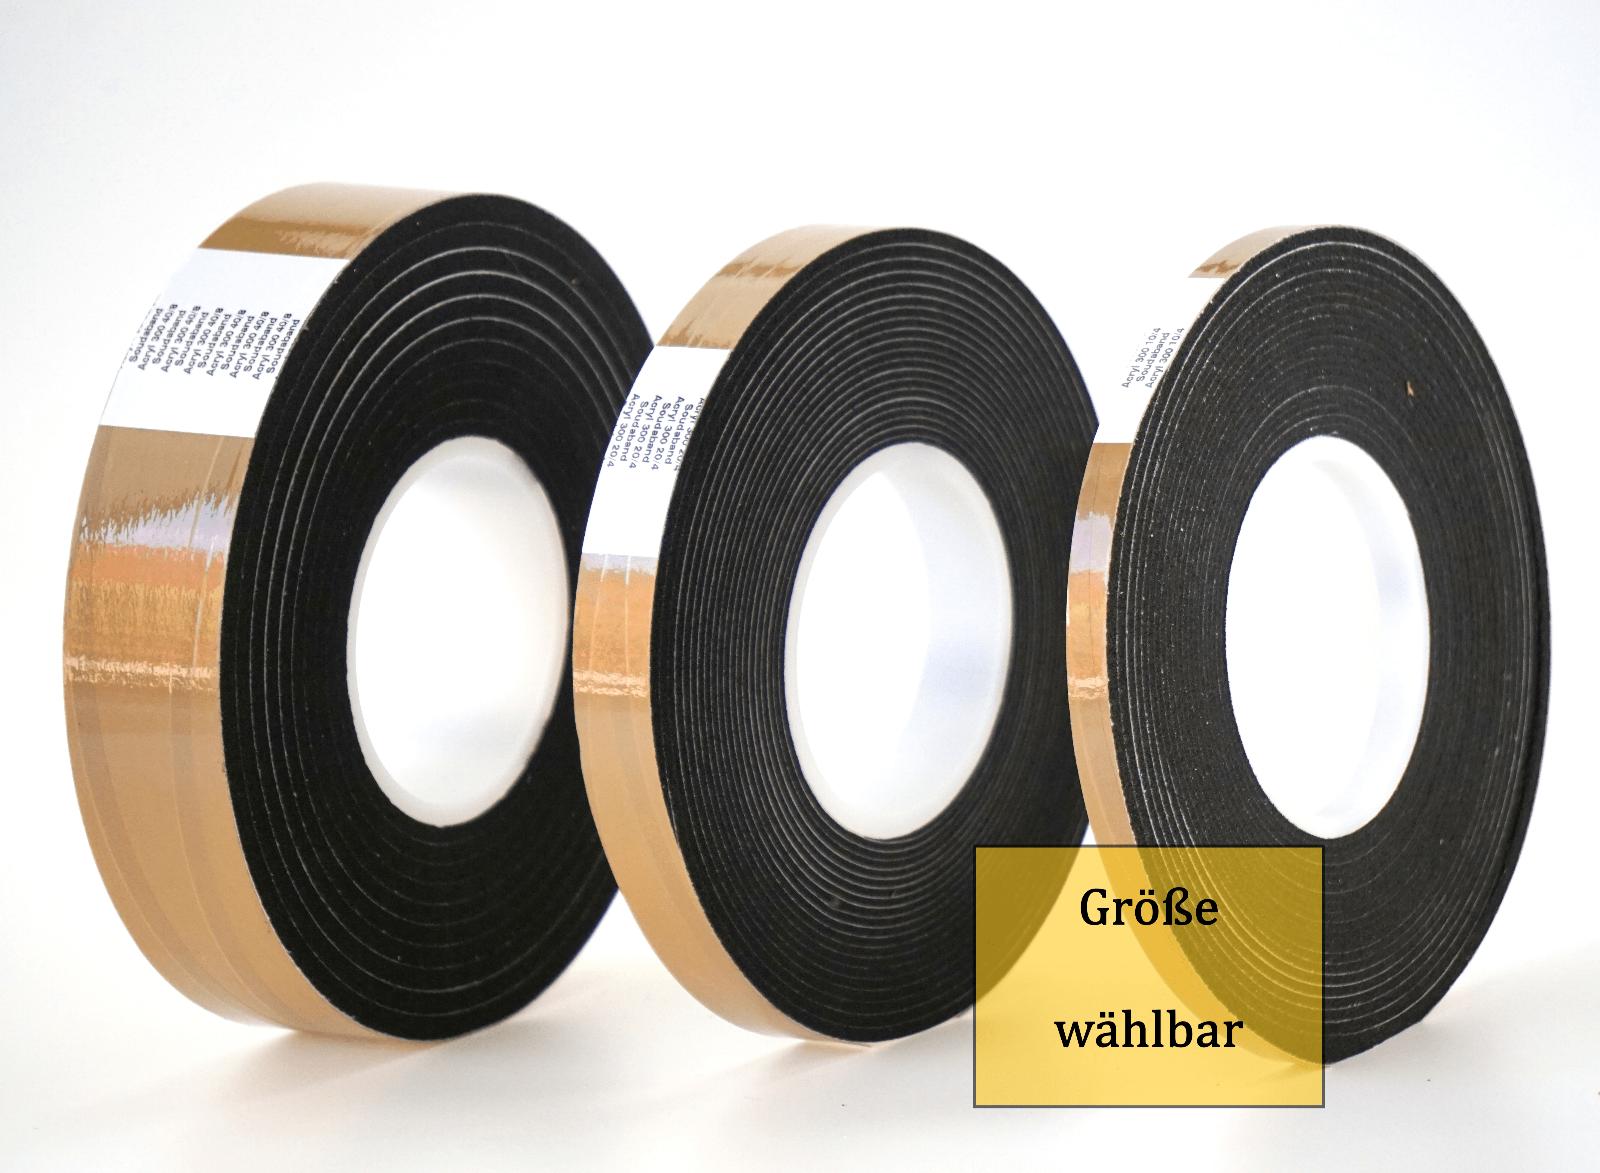 DE /& BG DiCHT vorkom grau 10//1,5-3mm Dichtband BG2 12,5m